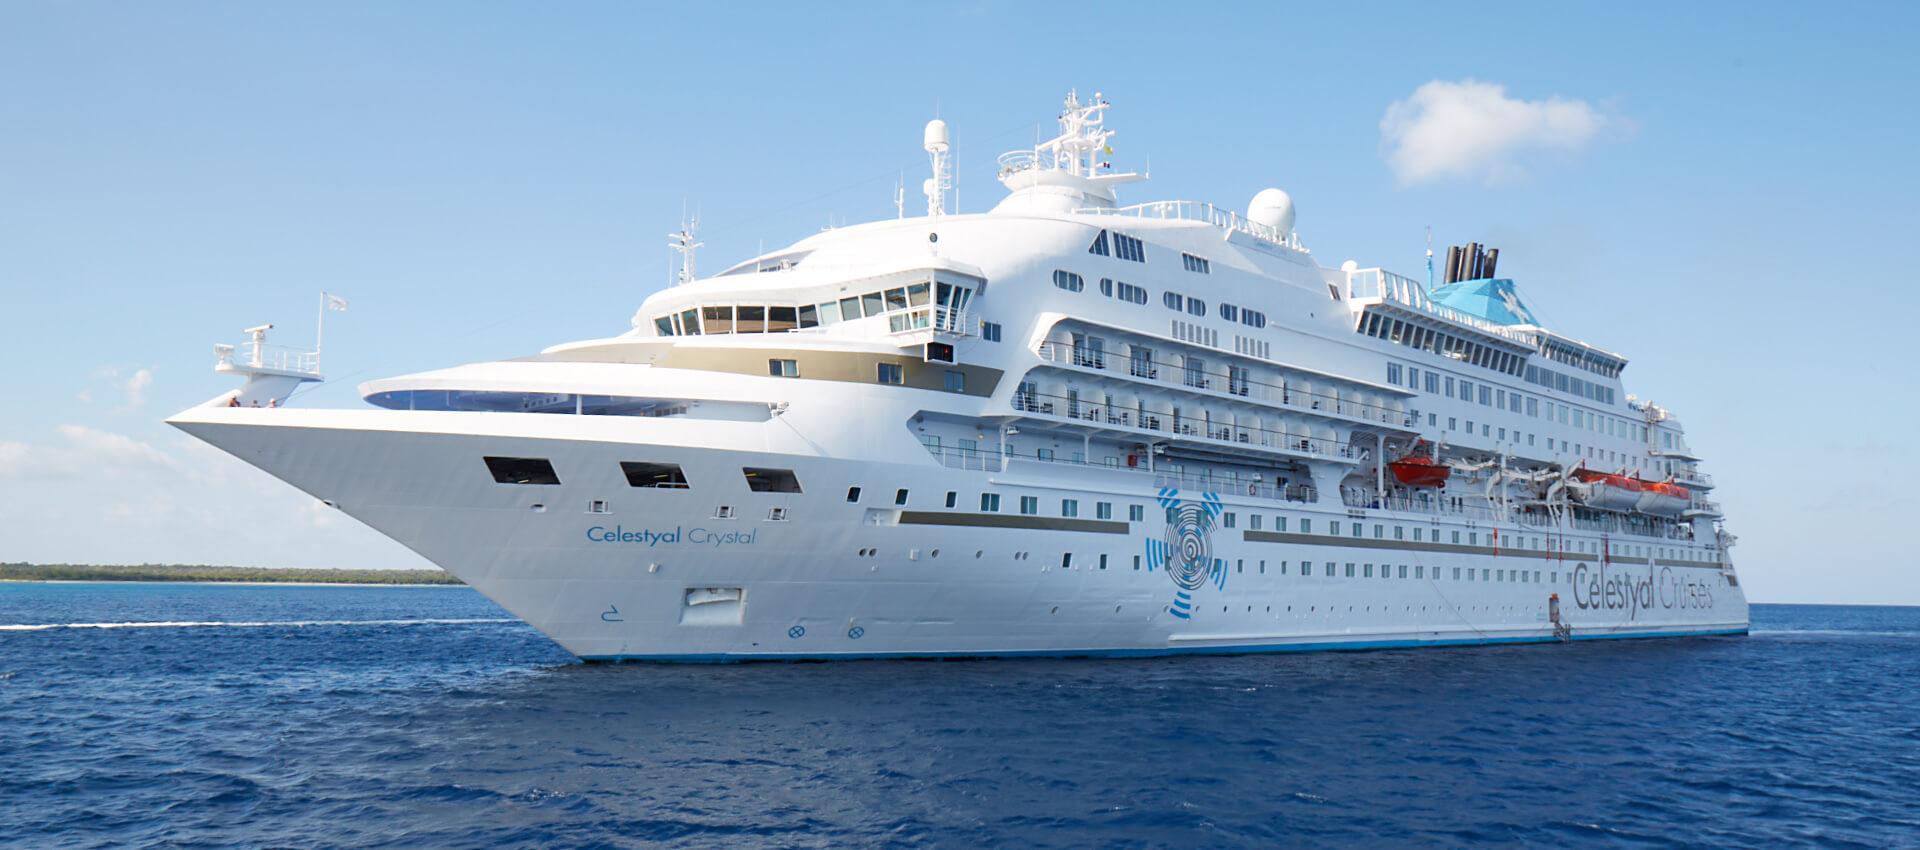 Η Celestyal Cruises ανακοινώνει το νέο πρόγραμμα με τις κρουαζιέρες της για το 2022-2023